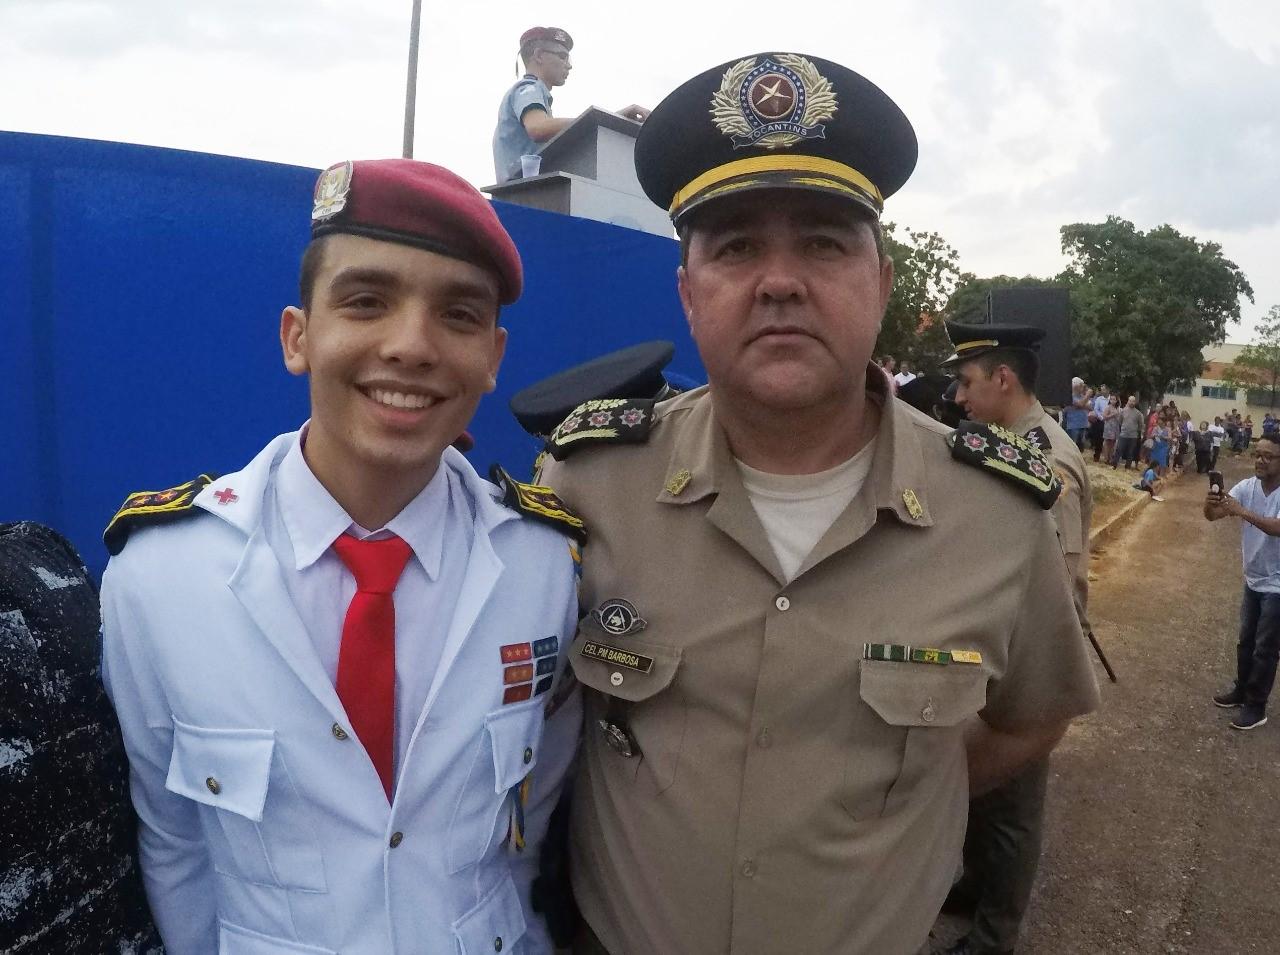 Centro Estadual de Ensino Cívico-Militar de Palmas (CCM) realiza solenidade de condecorações 2019 em Palmas